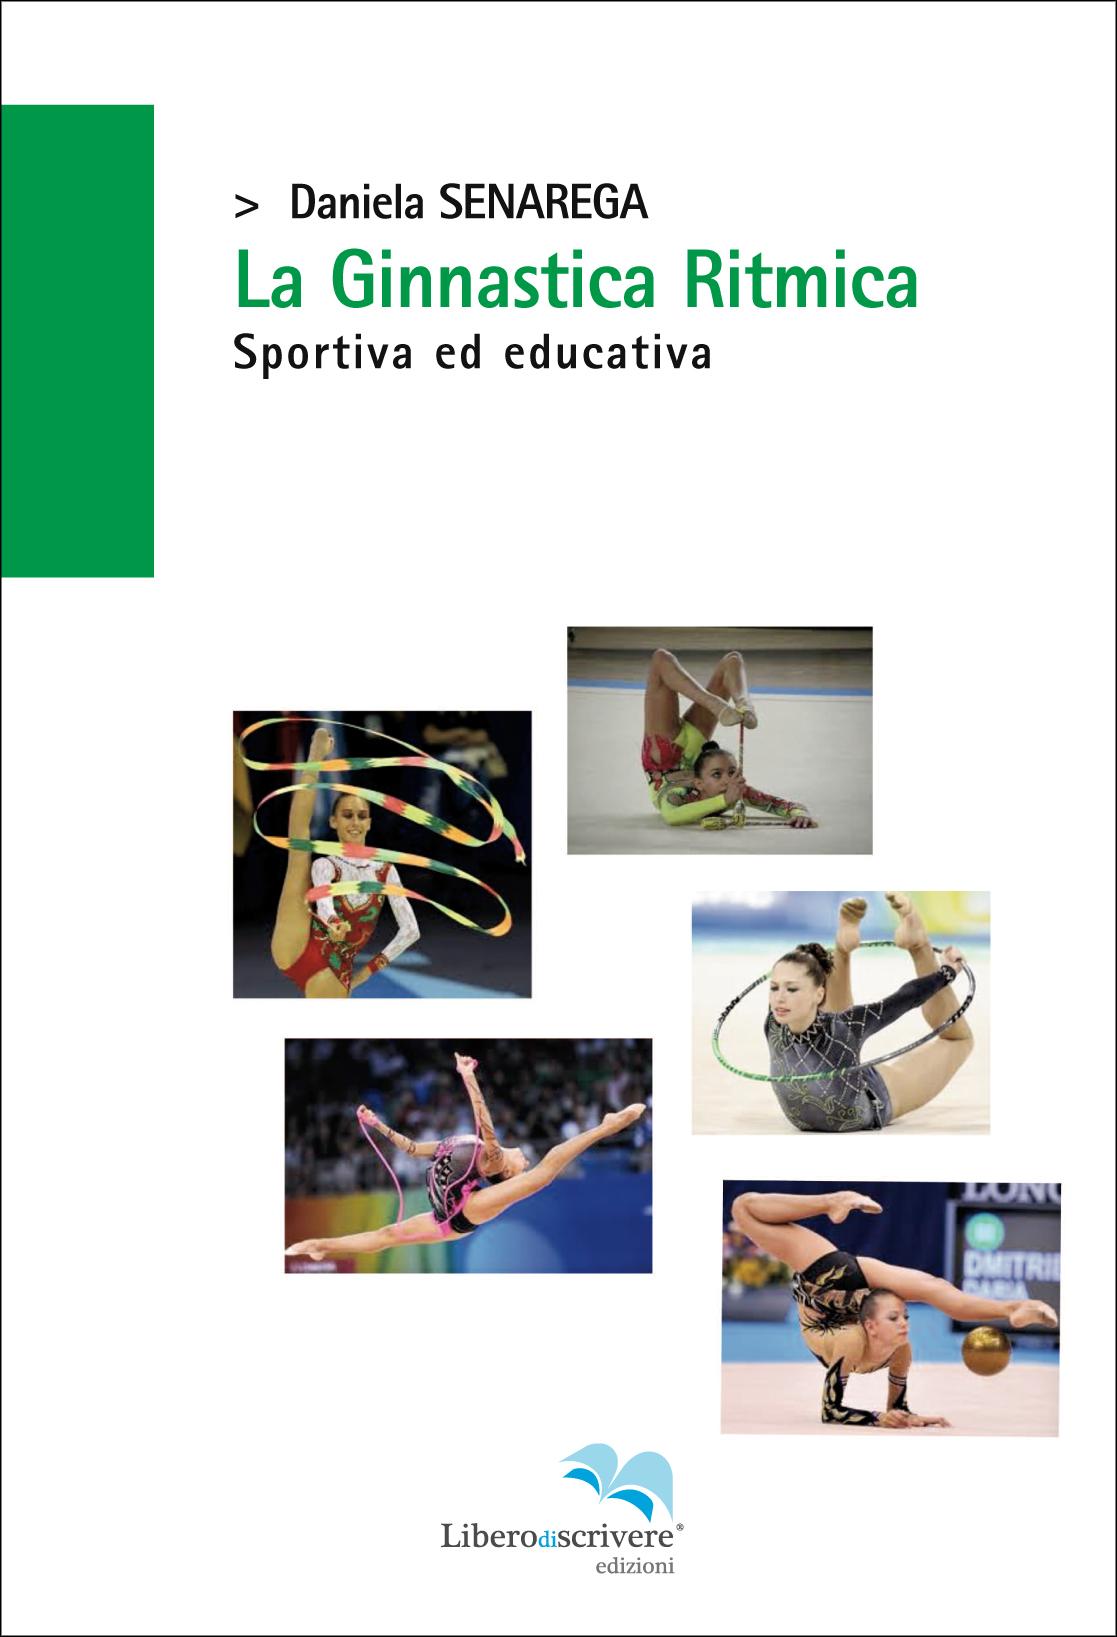 cc7b00c741fb Liberodiscrivere - Daniela Senarega - La Ginnastica Ritmica, Sportiva ed  Educativa